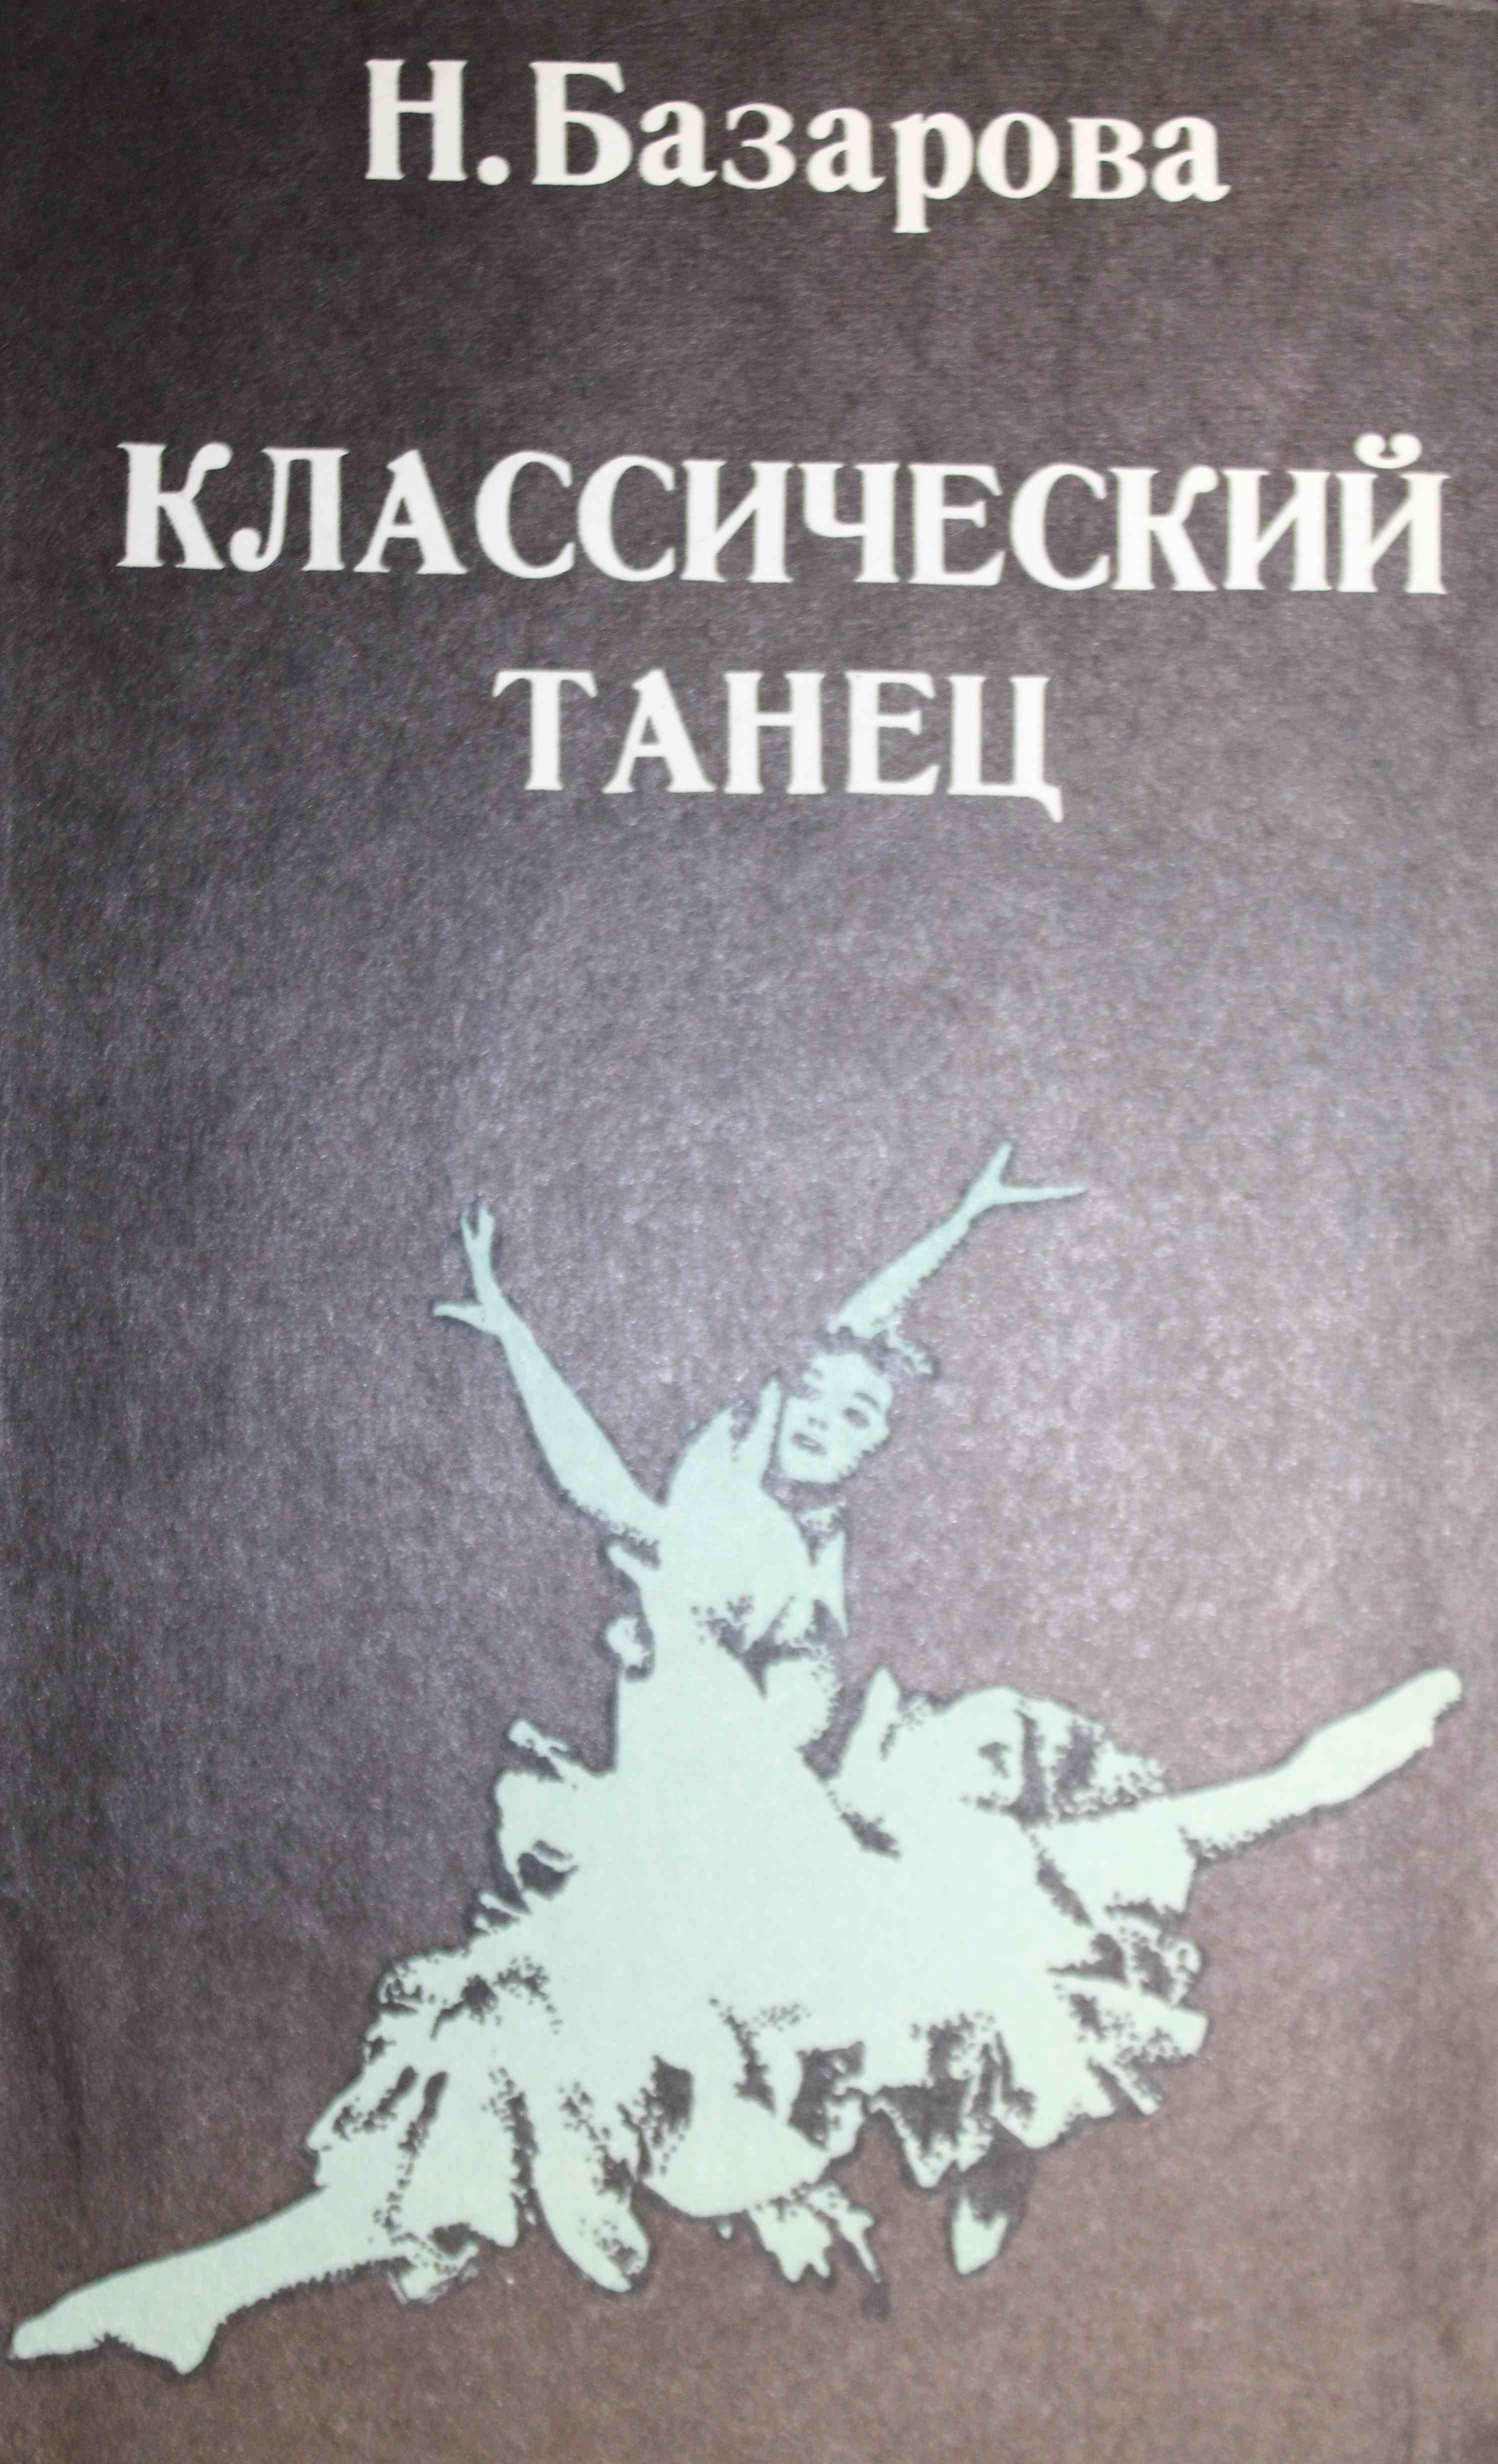 La Danza Classica (1975) - N. P. Basarova